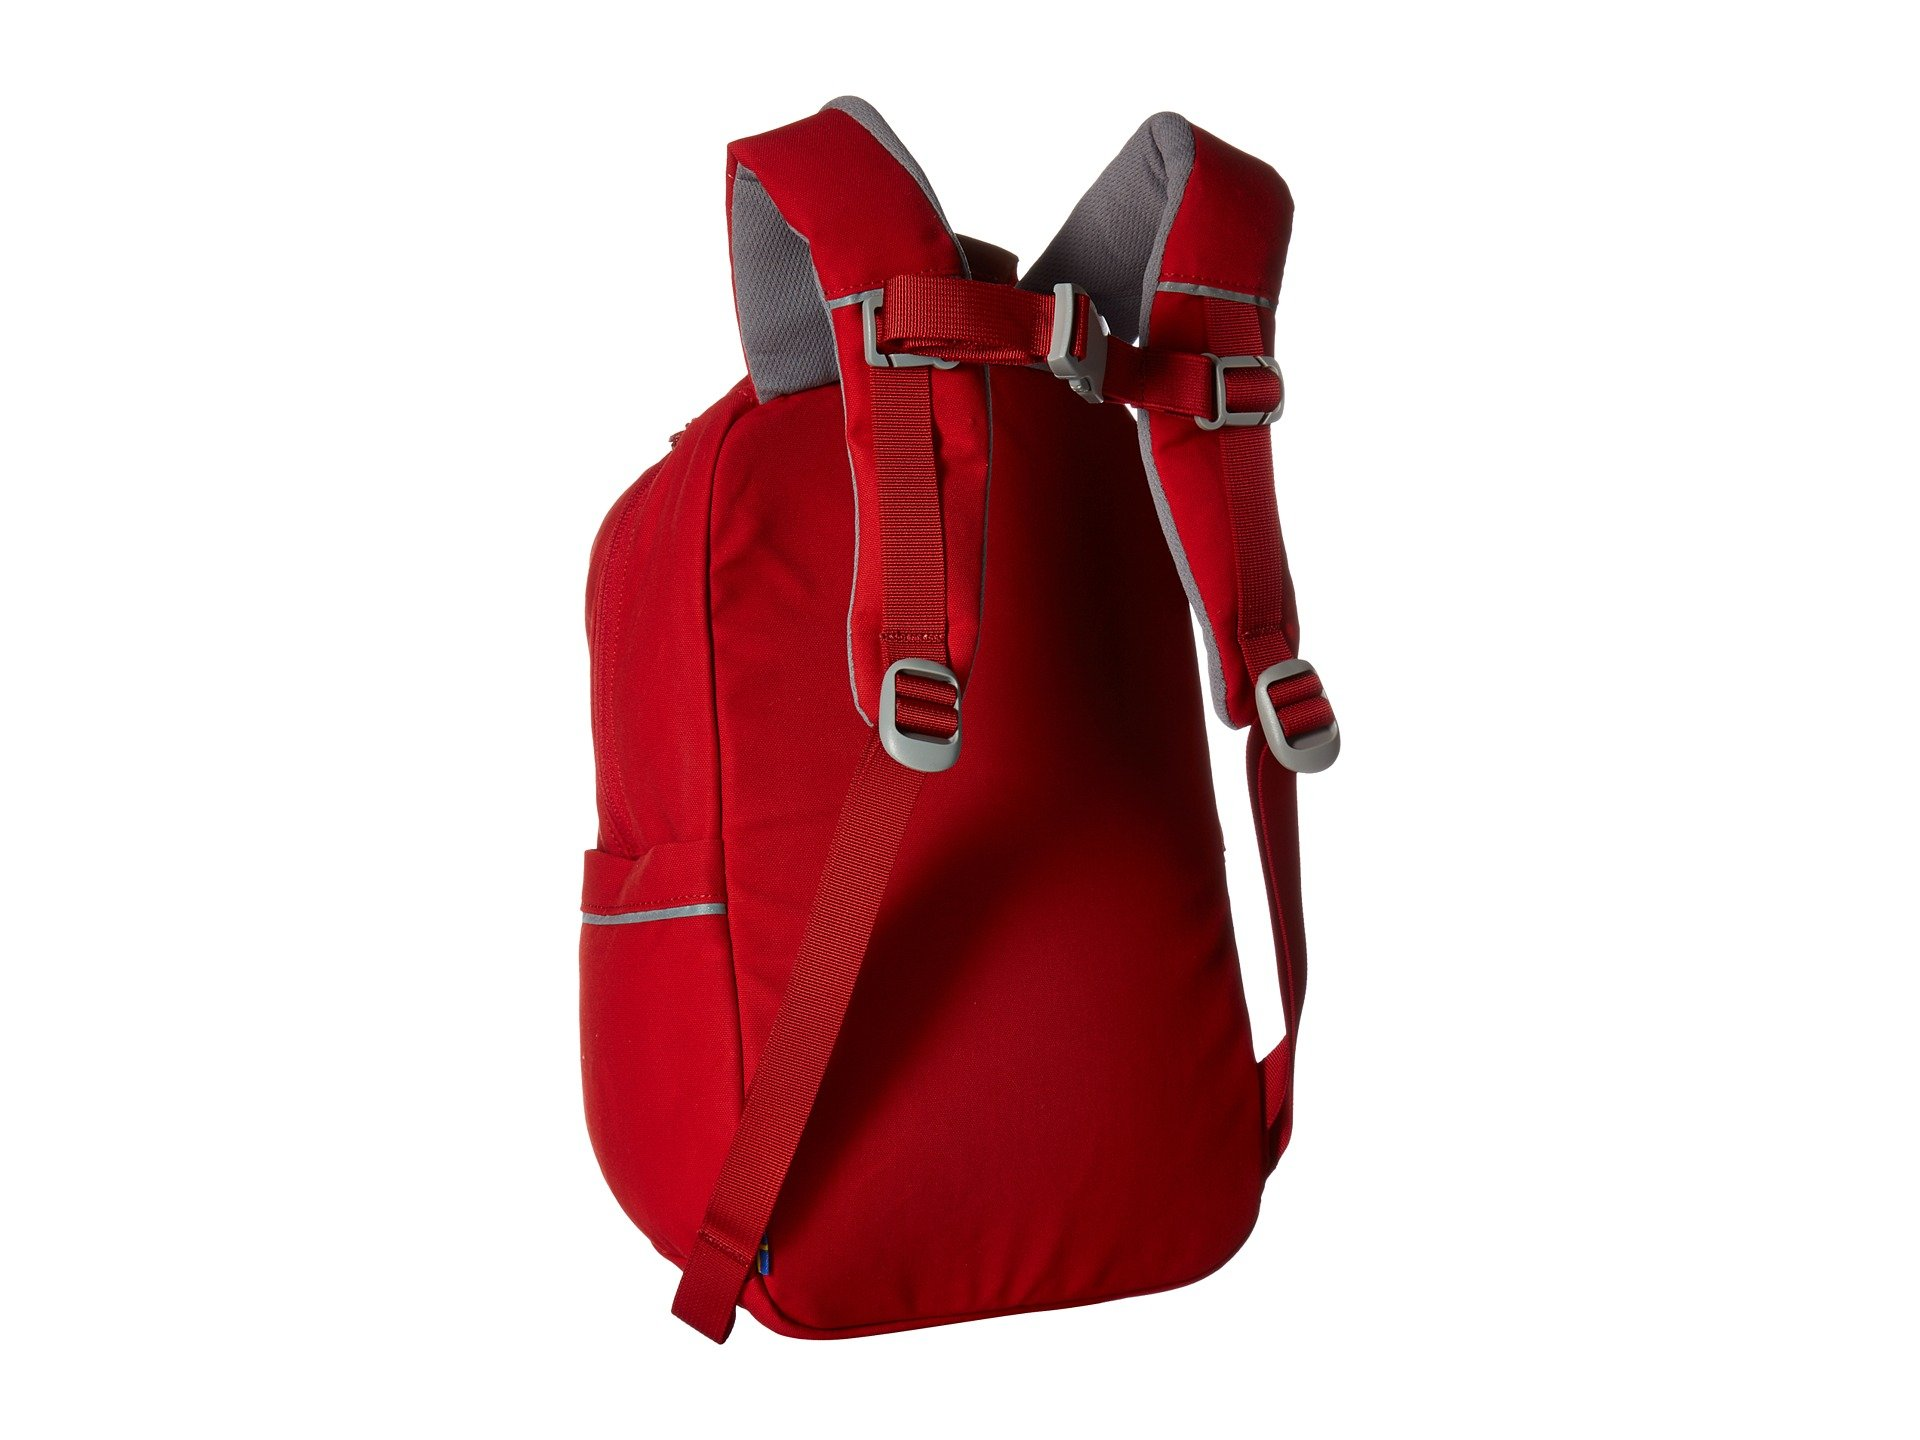 fj llr ven raven mini backpack at. Black Bedroom Furniture Sets. Home Design Ideas